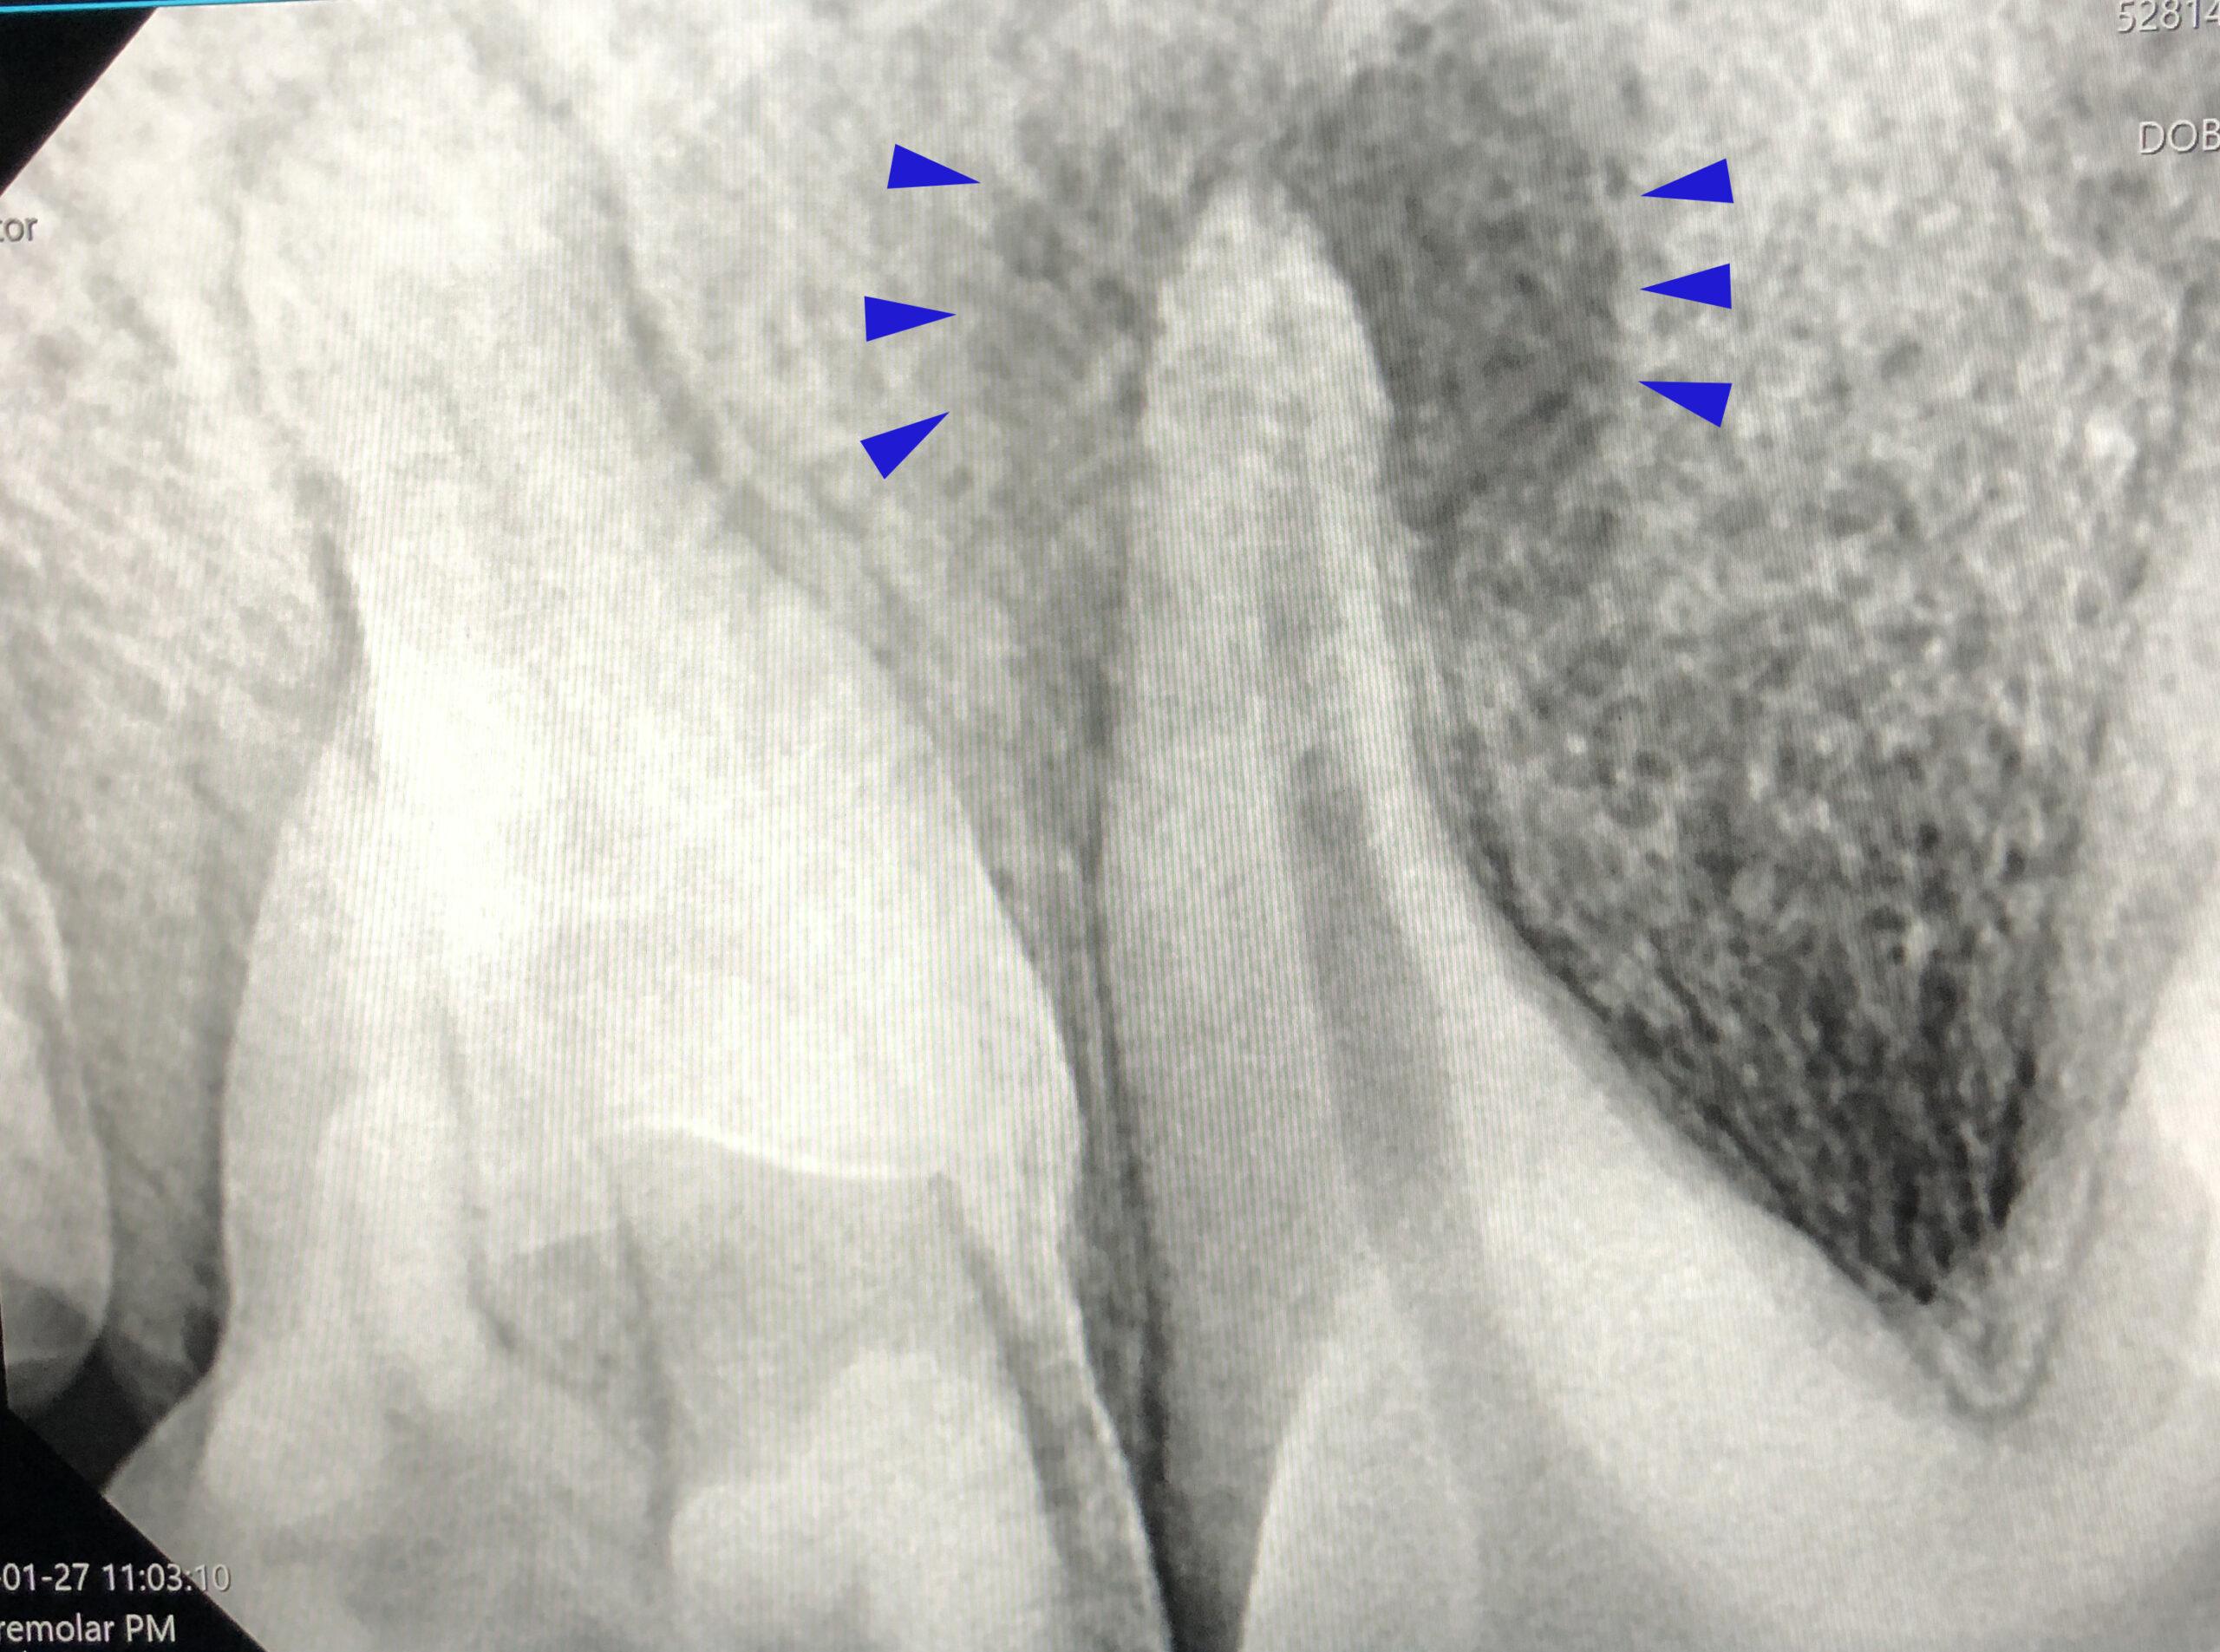 Dierenkliniek Tiel-Drumpt: dentale röntgen: een kieswortelabces